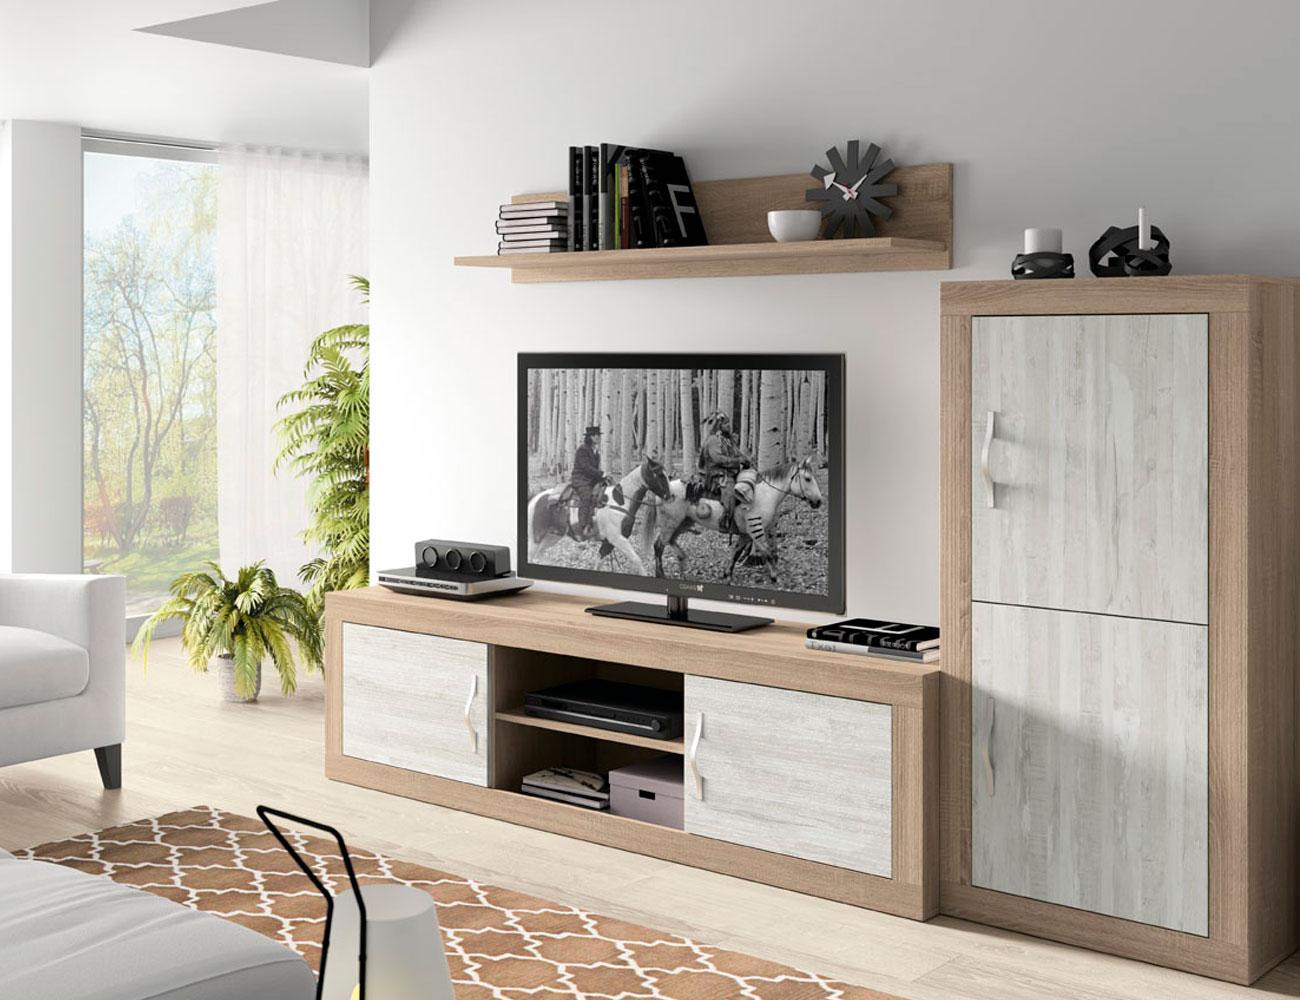 172 mueble salon comedor bodeguero tv cambrian artic